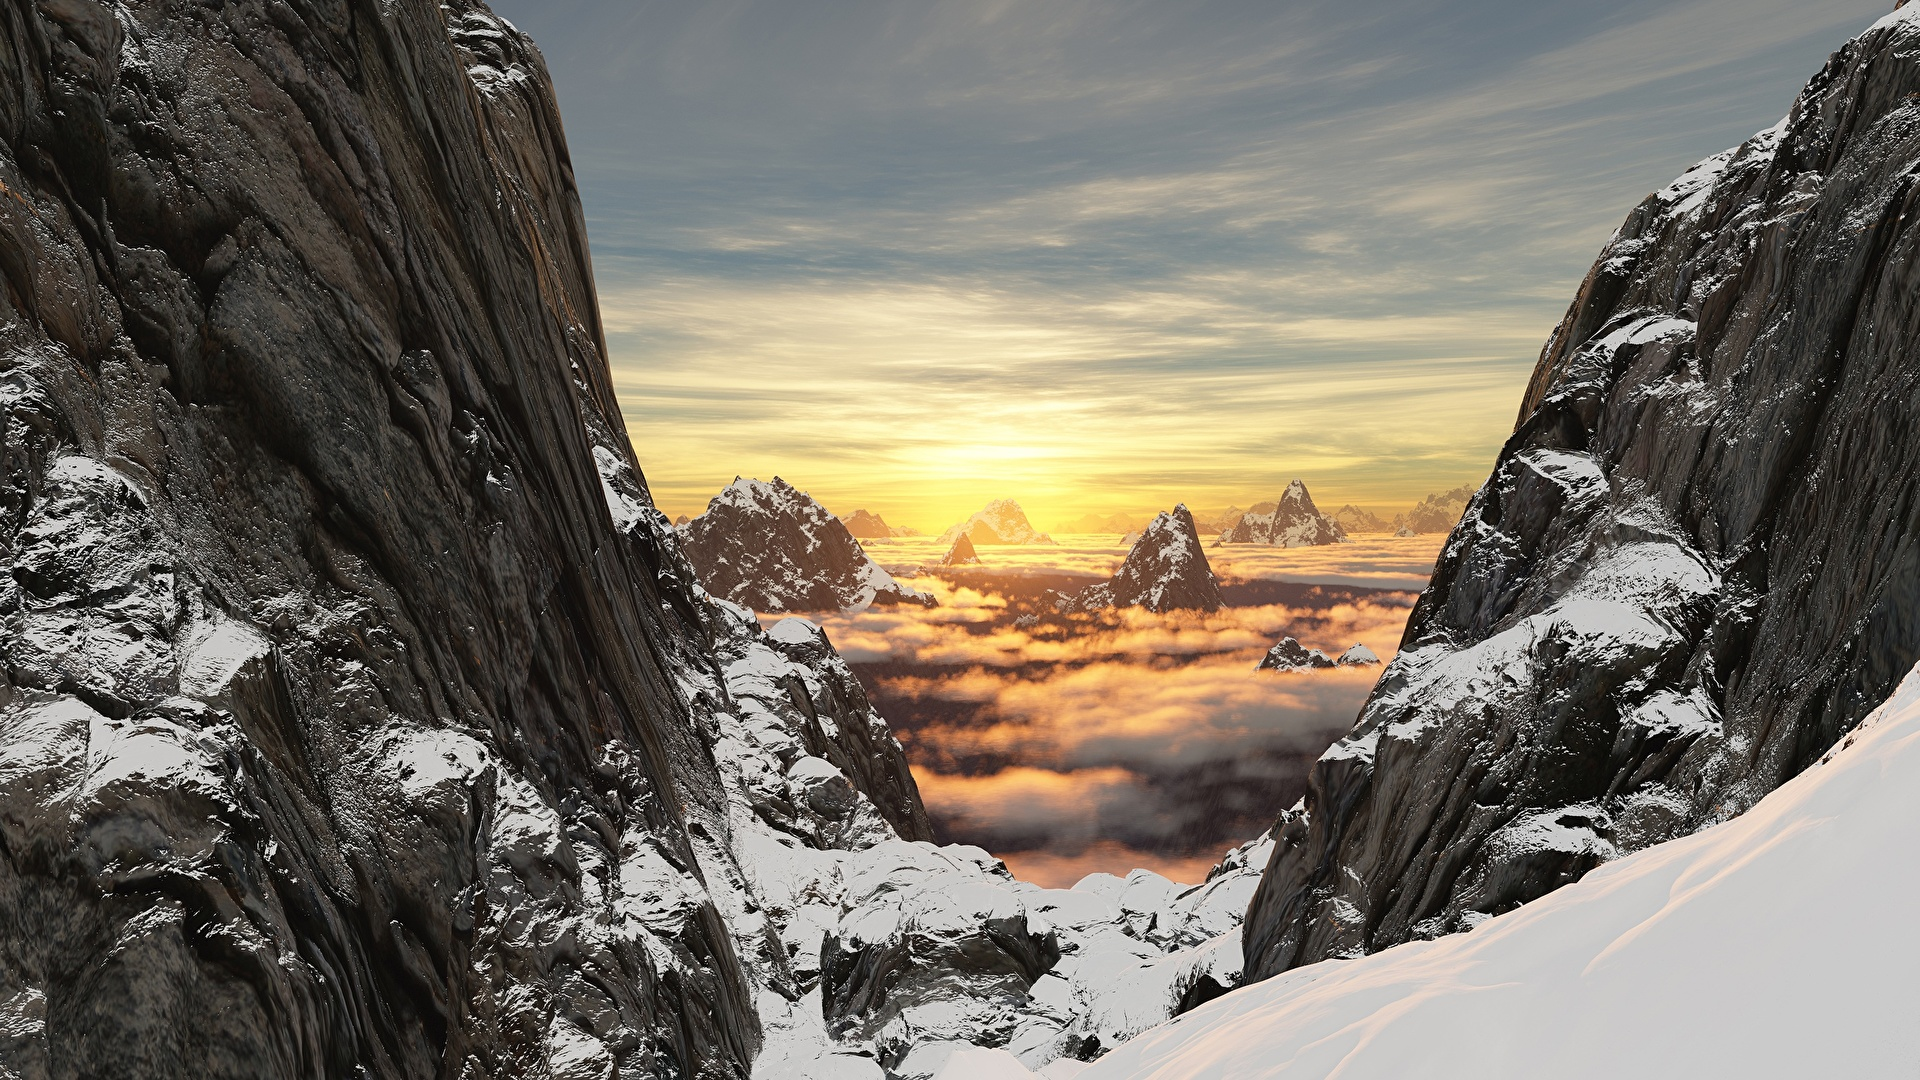 Фотографии 3д Утес Горы Природа снега Пейзаж Рассветы и закаты 1920x1080 гора скалы скале Скала 3D Графика Снег снеге снегу рассвет и закат